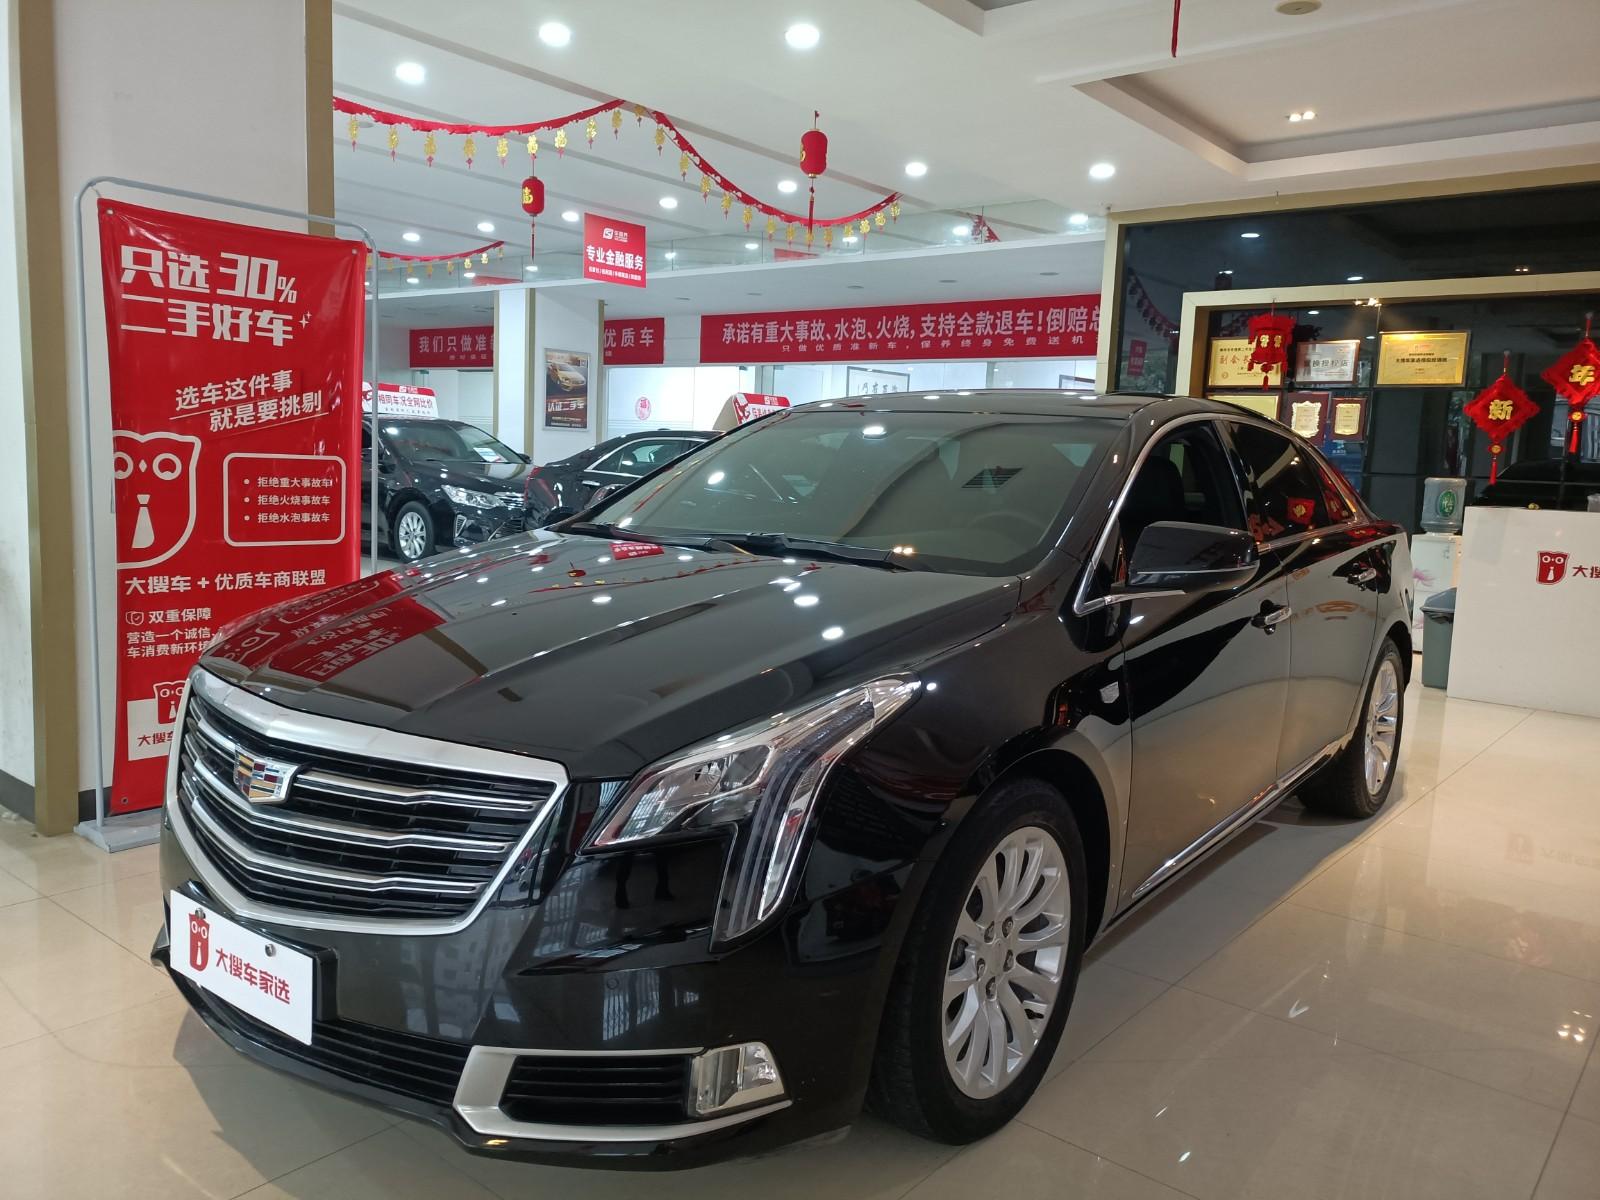 【京湘车视界二手车】2018款 凯迪拉克XTS 28T 精英型